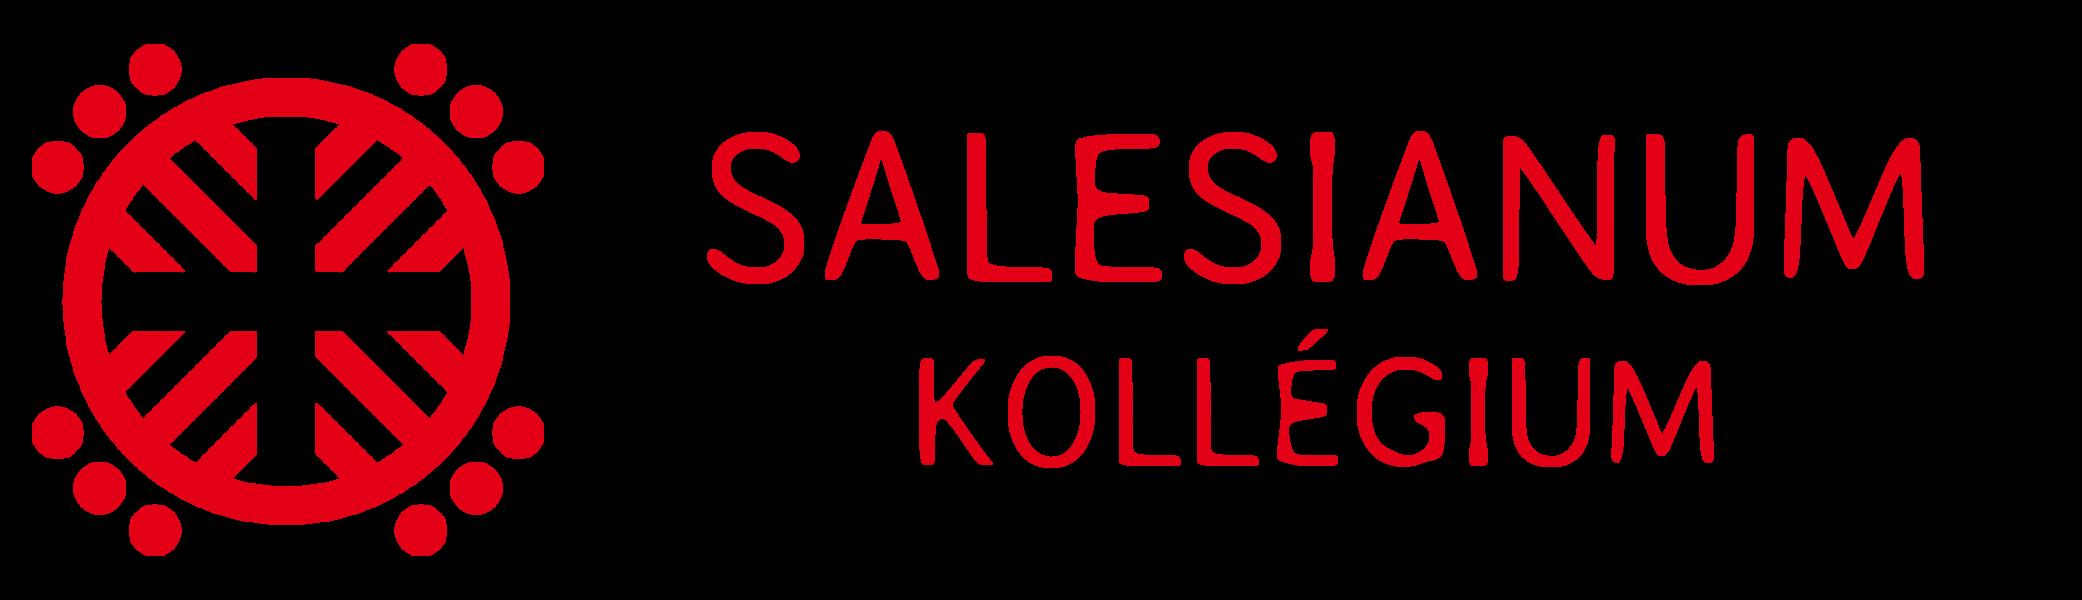 Salesianum Kollégium